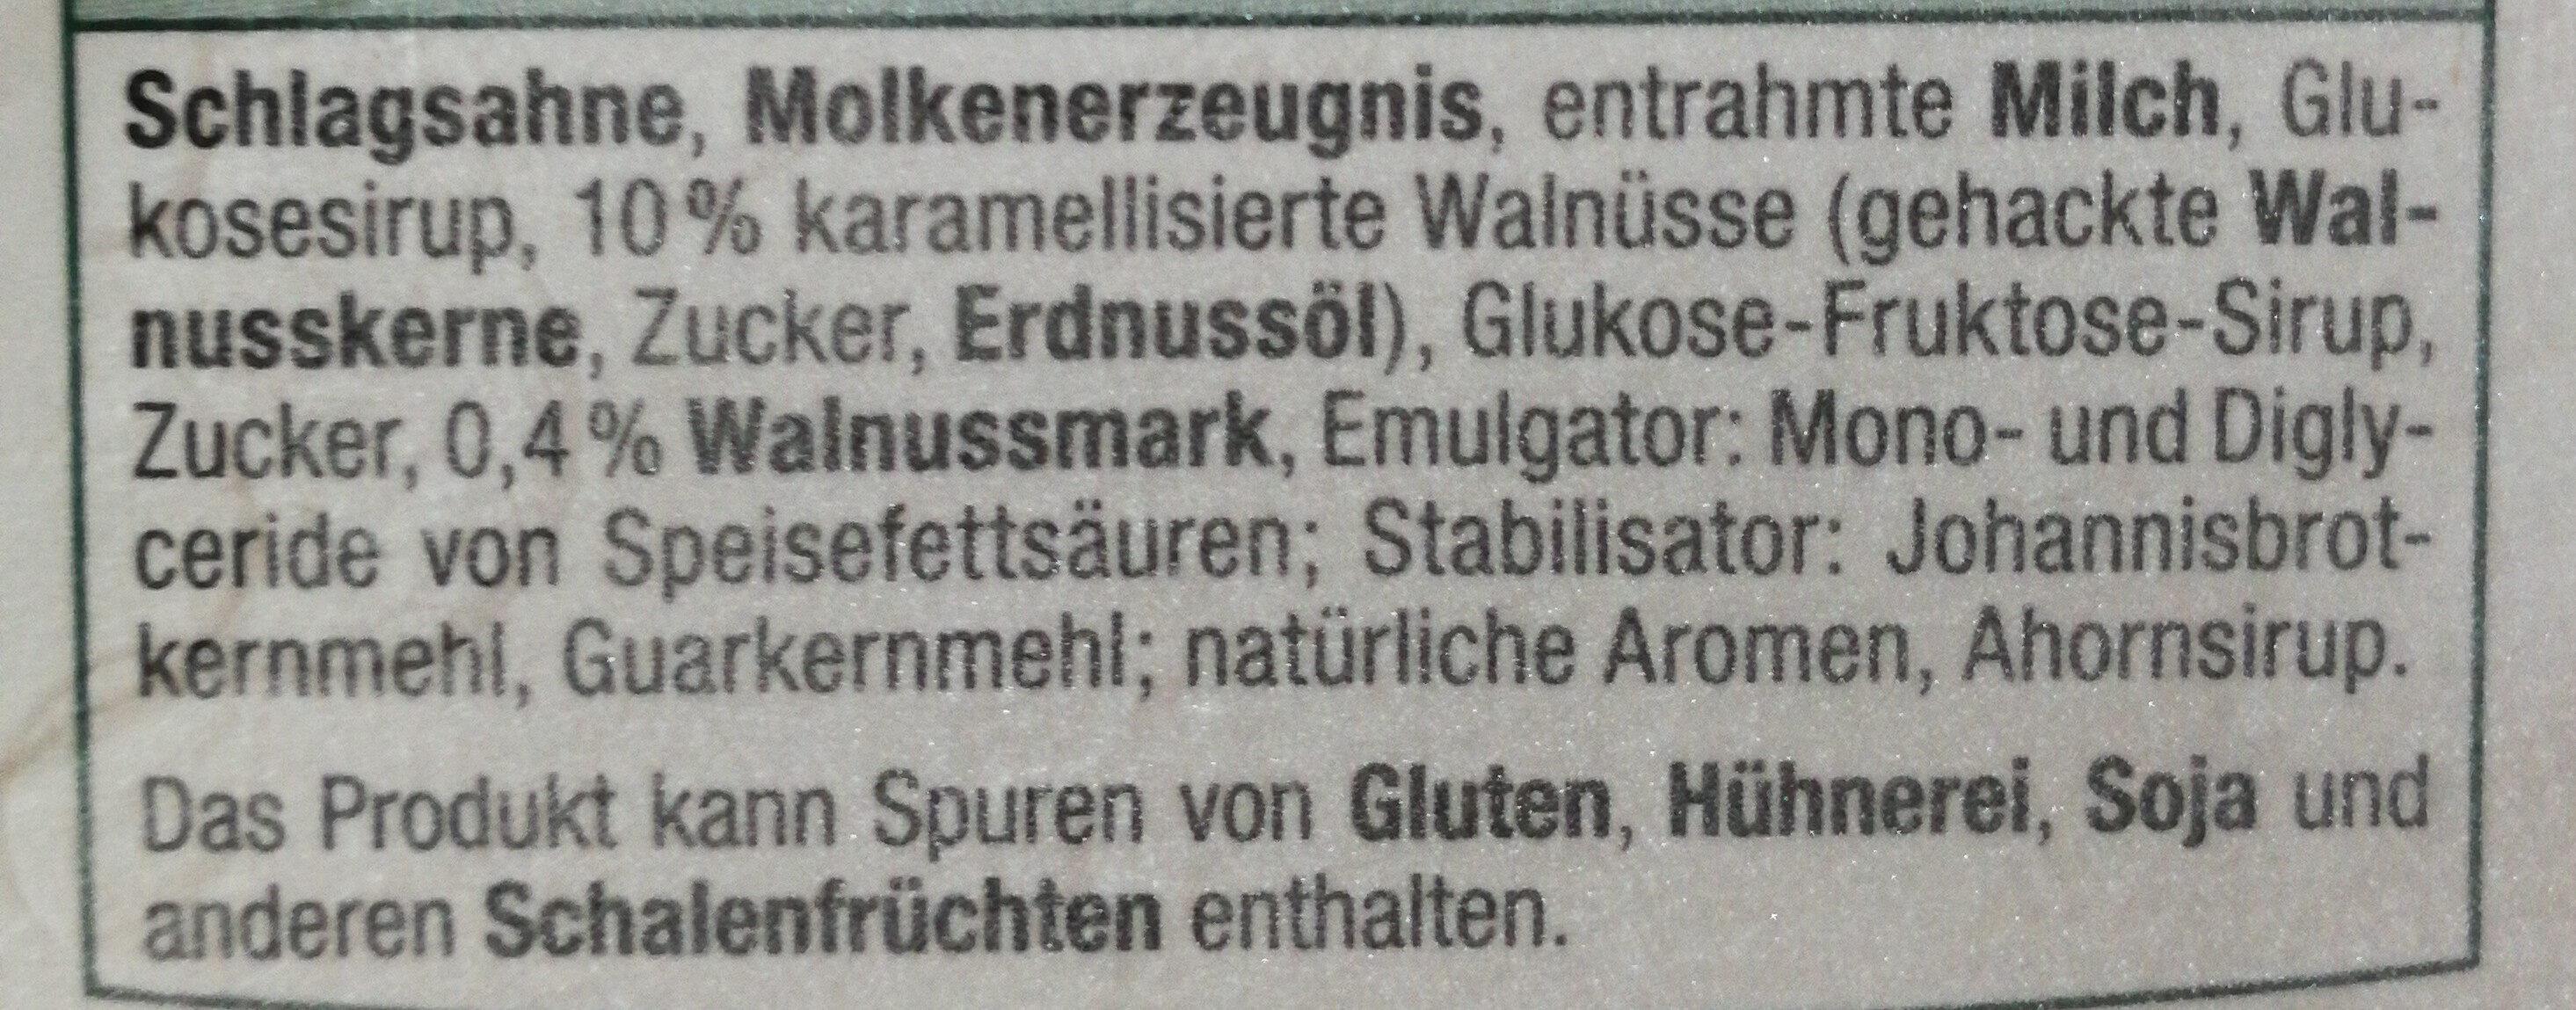 Walnuss Eiscreme - Ingrédients - de